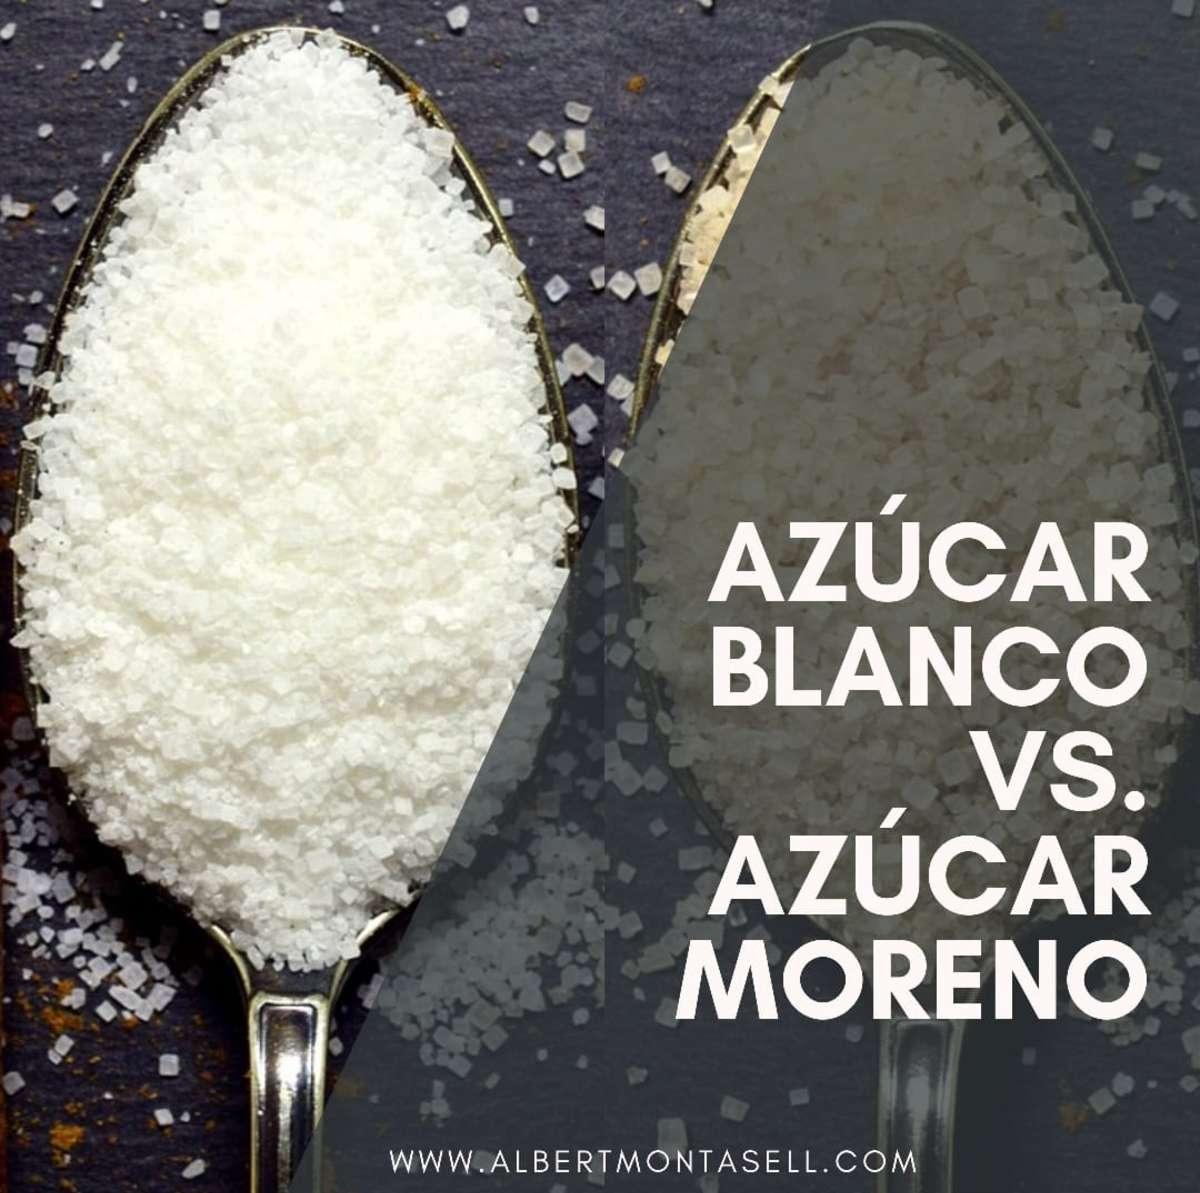 azucar moreno o azucar blanco